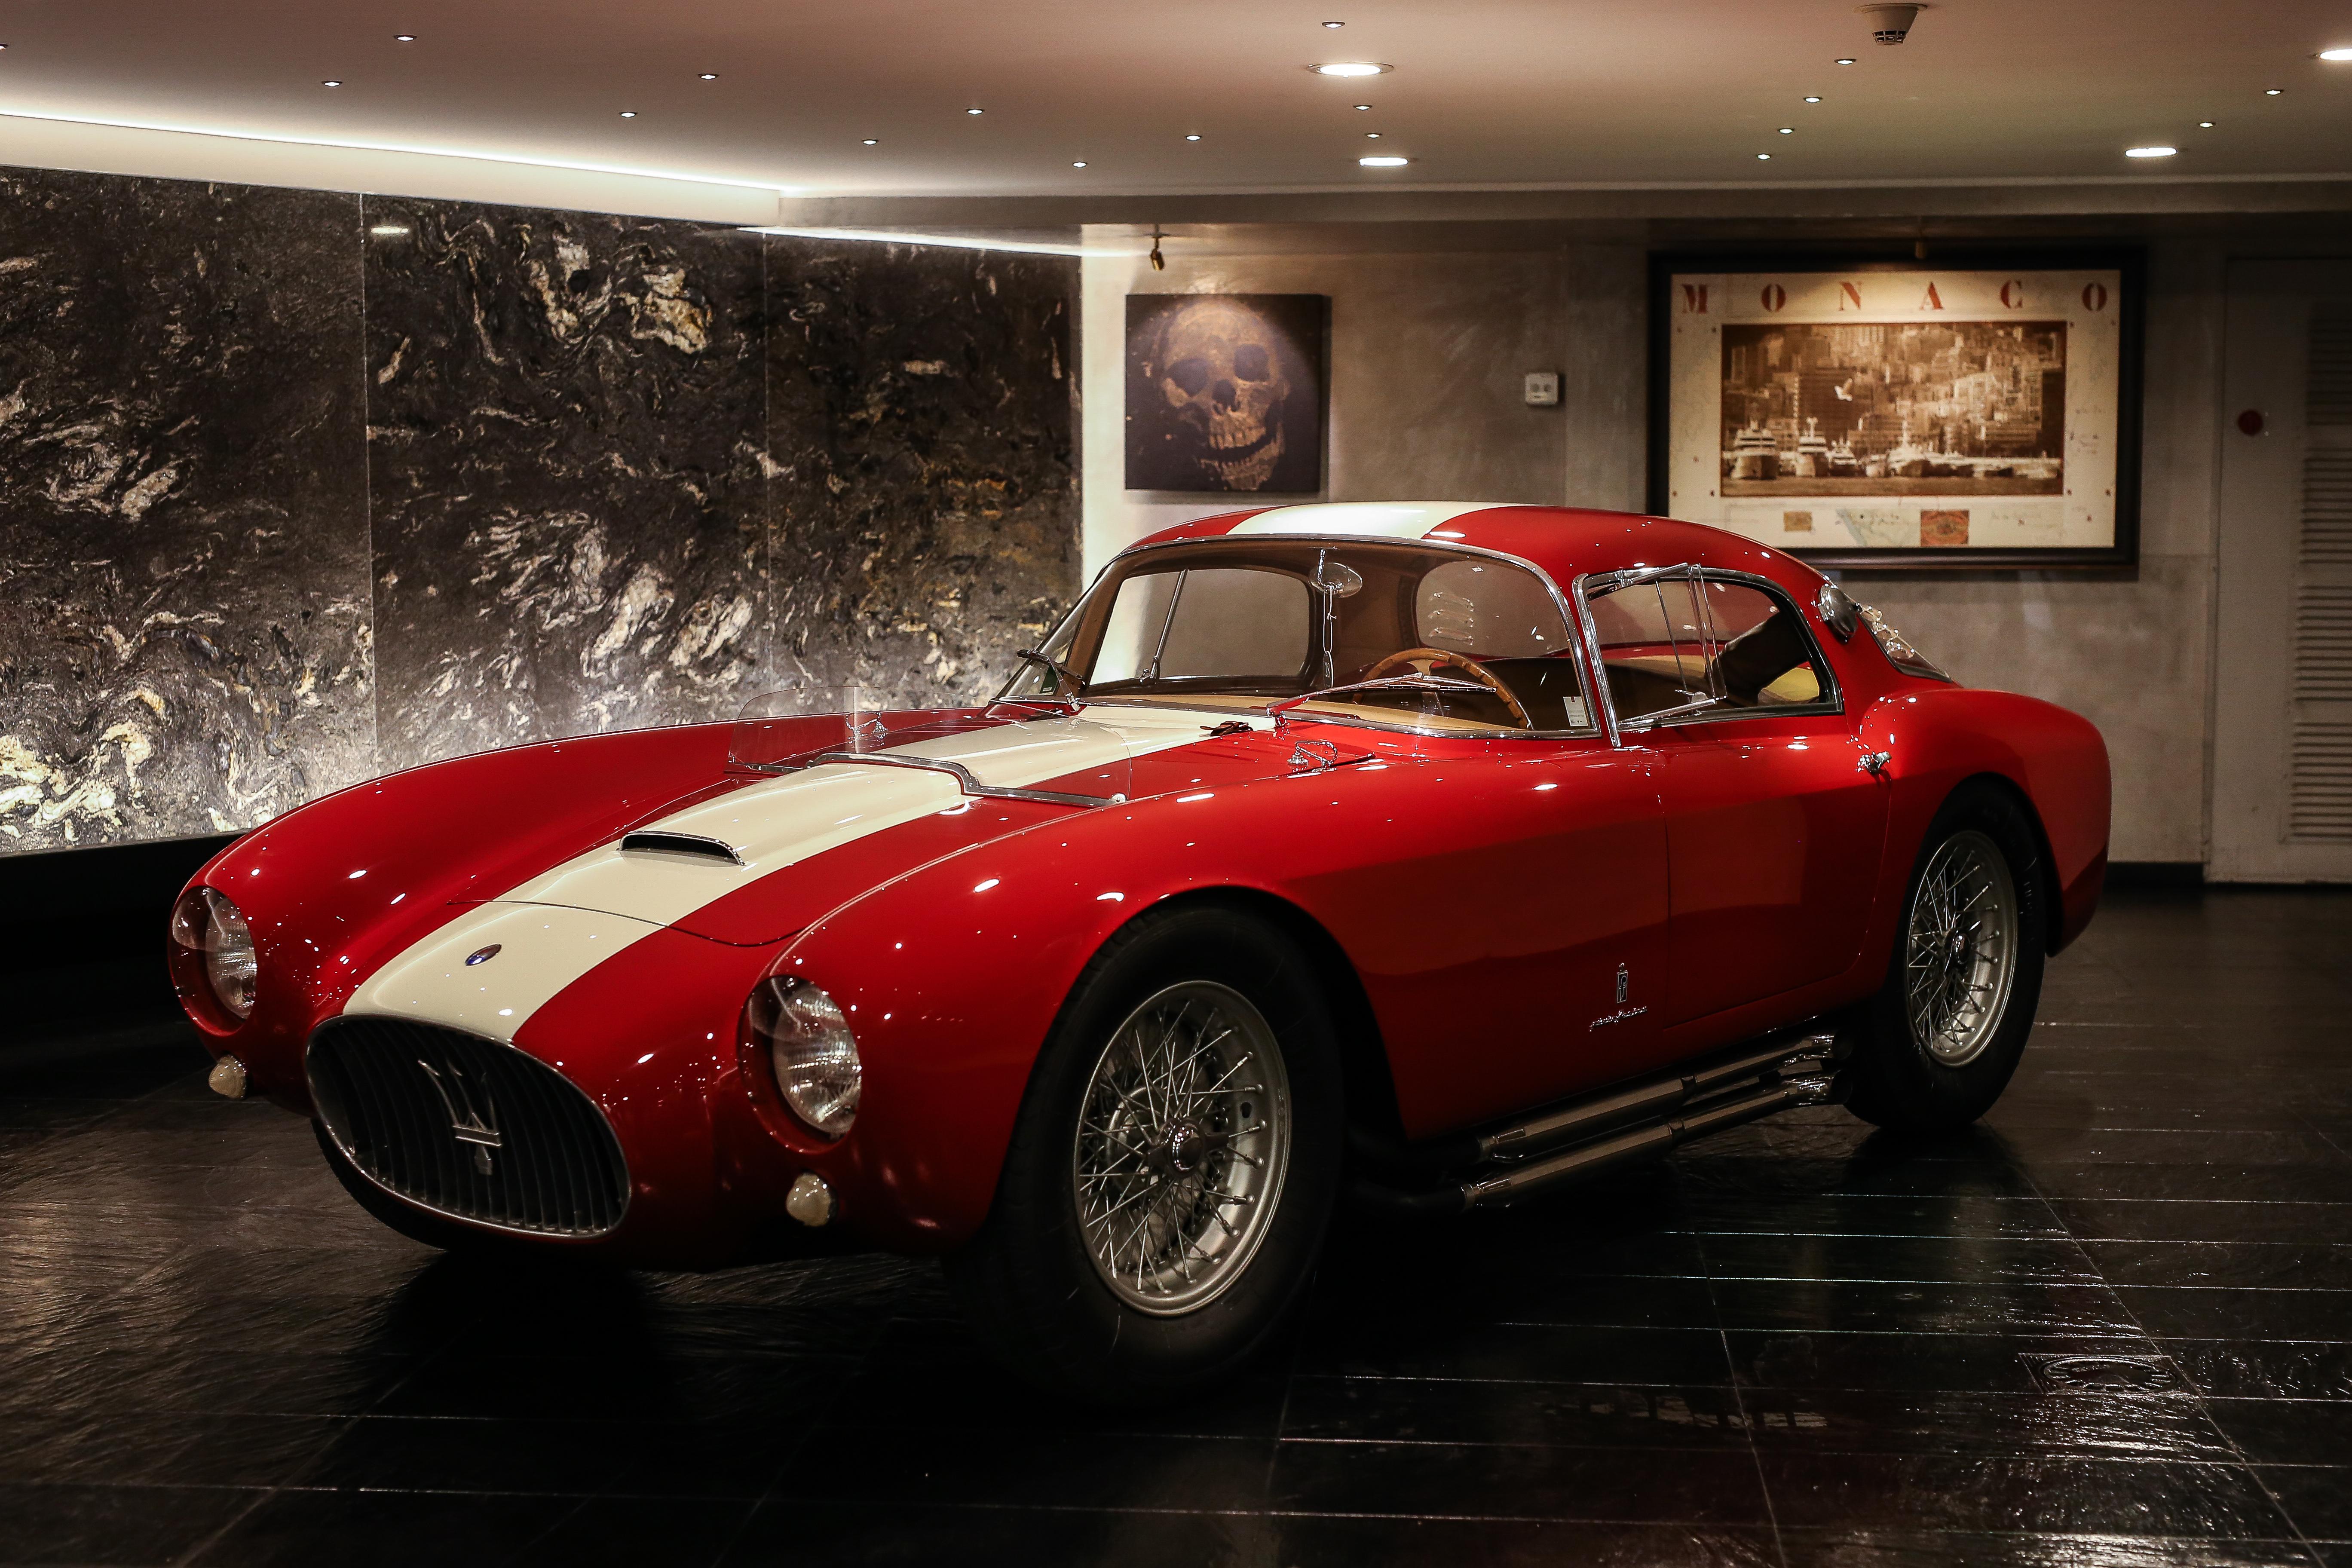 1954 Masarati A6GCS/53 Berlinetta by Pinin Farina: Concorso d'Eleganza Villa d'Este